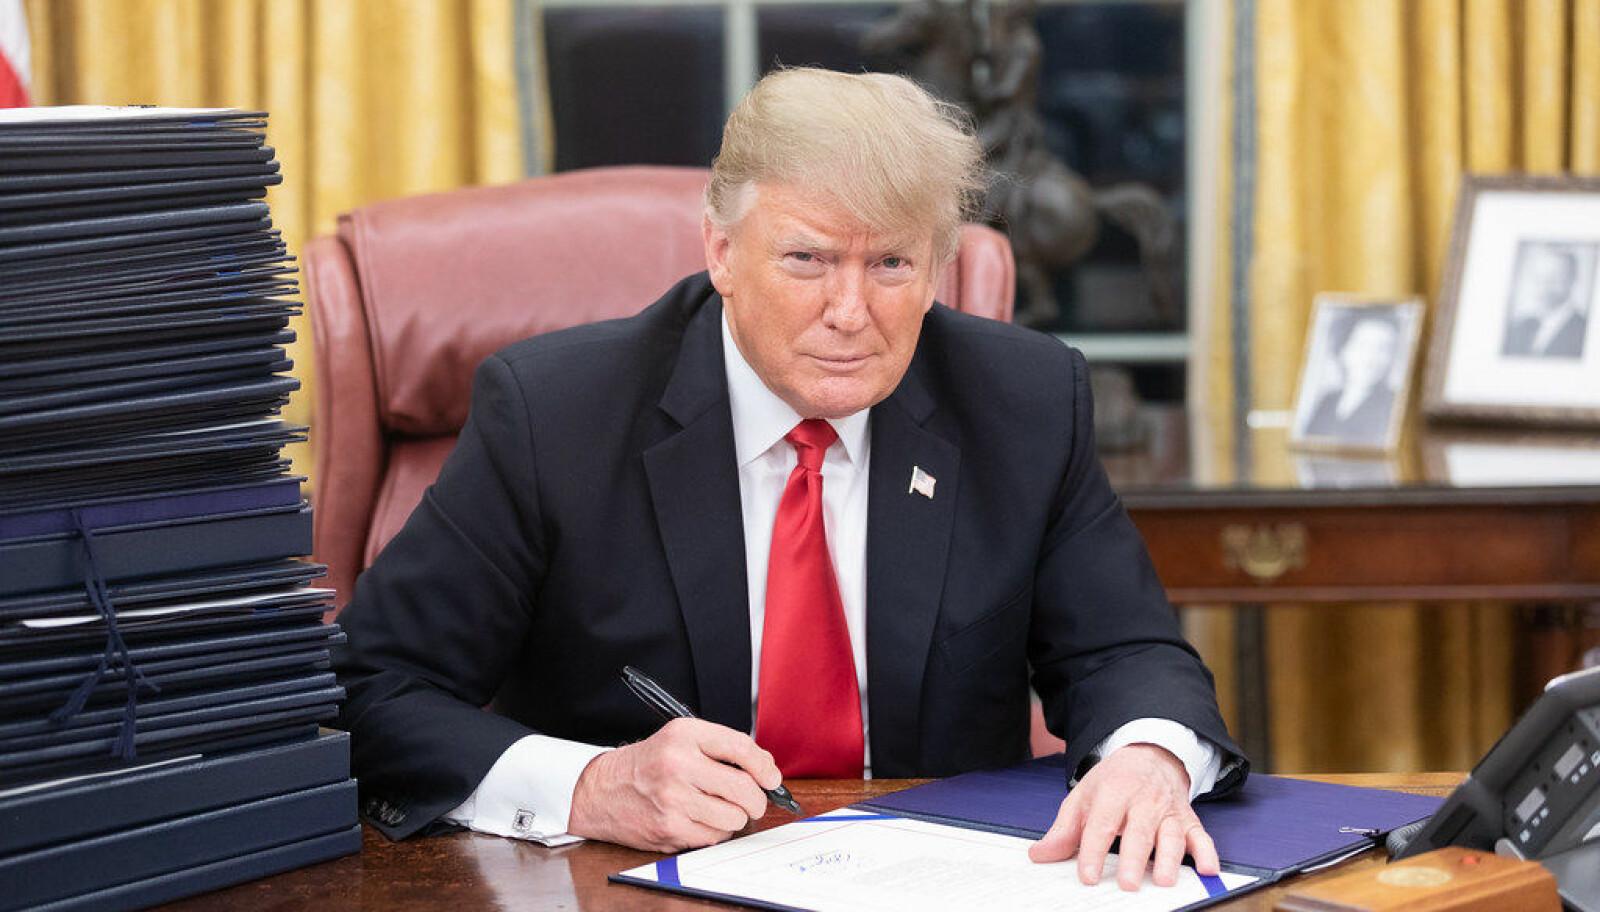 Donald Trump i Det ovale kontor